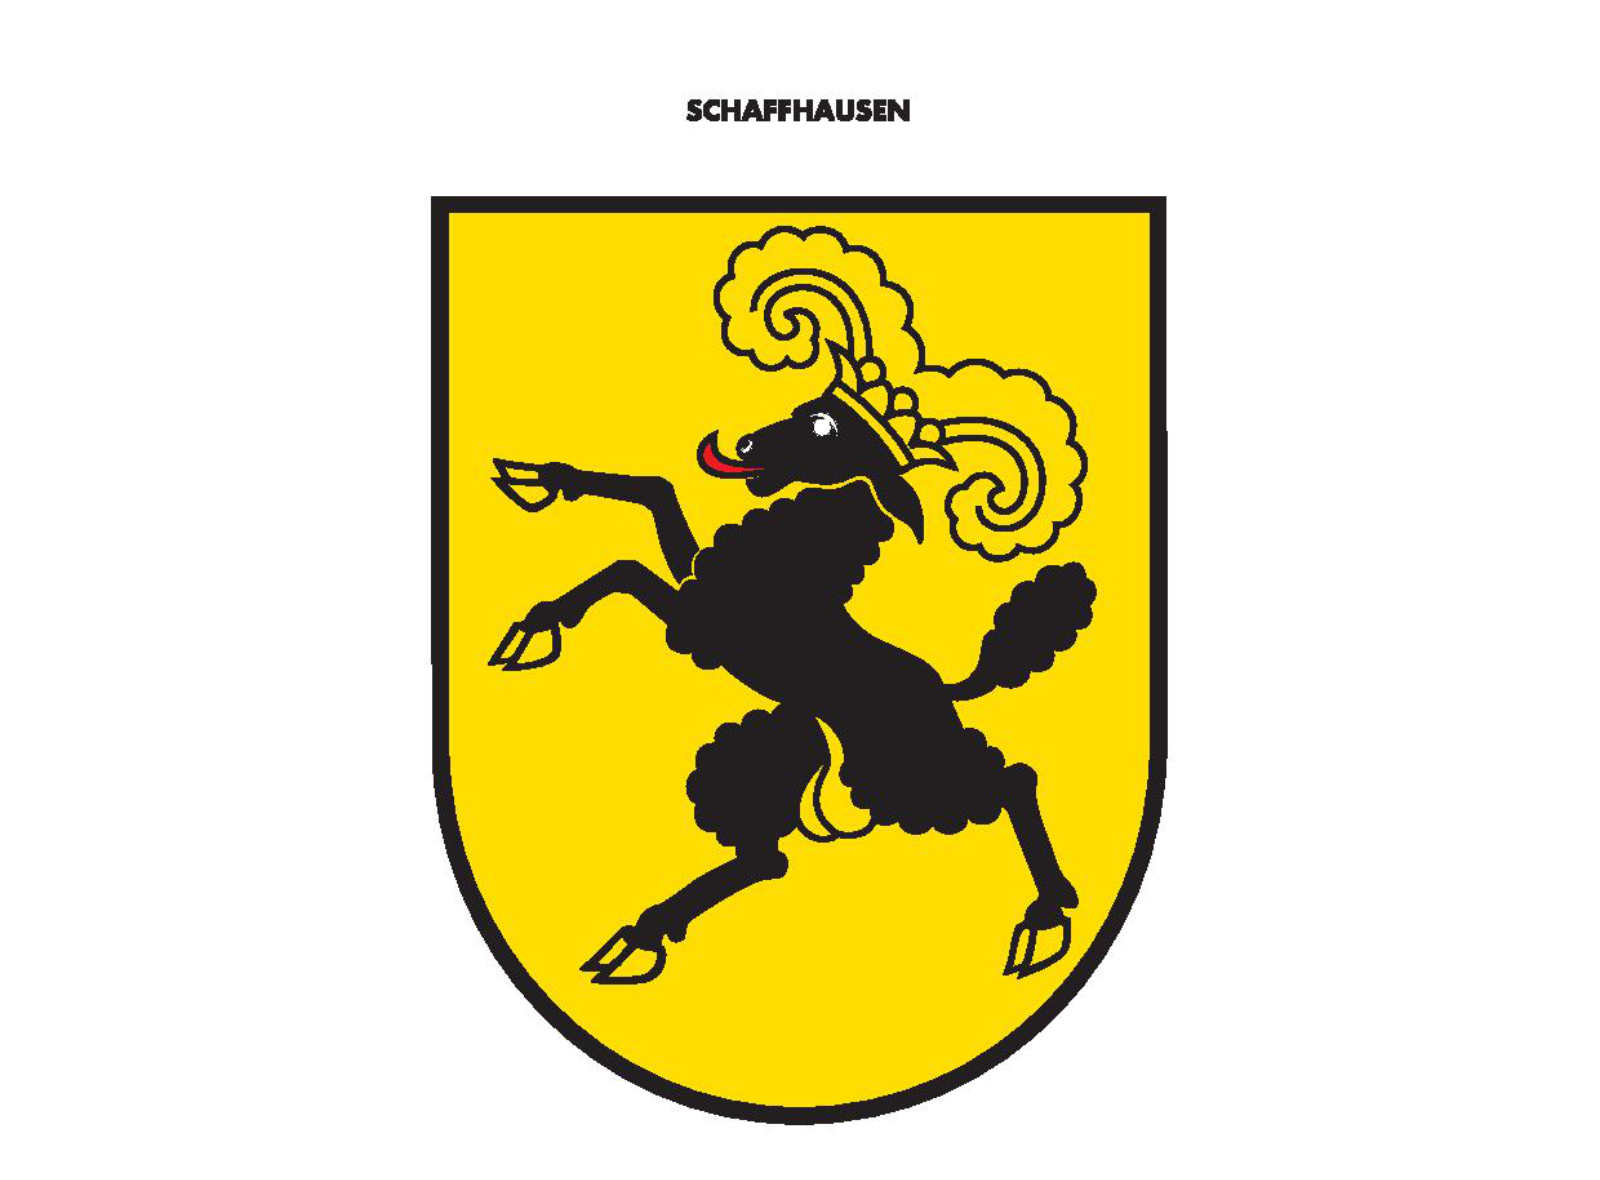 Schweizer Kantone – Schaffhausen